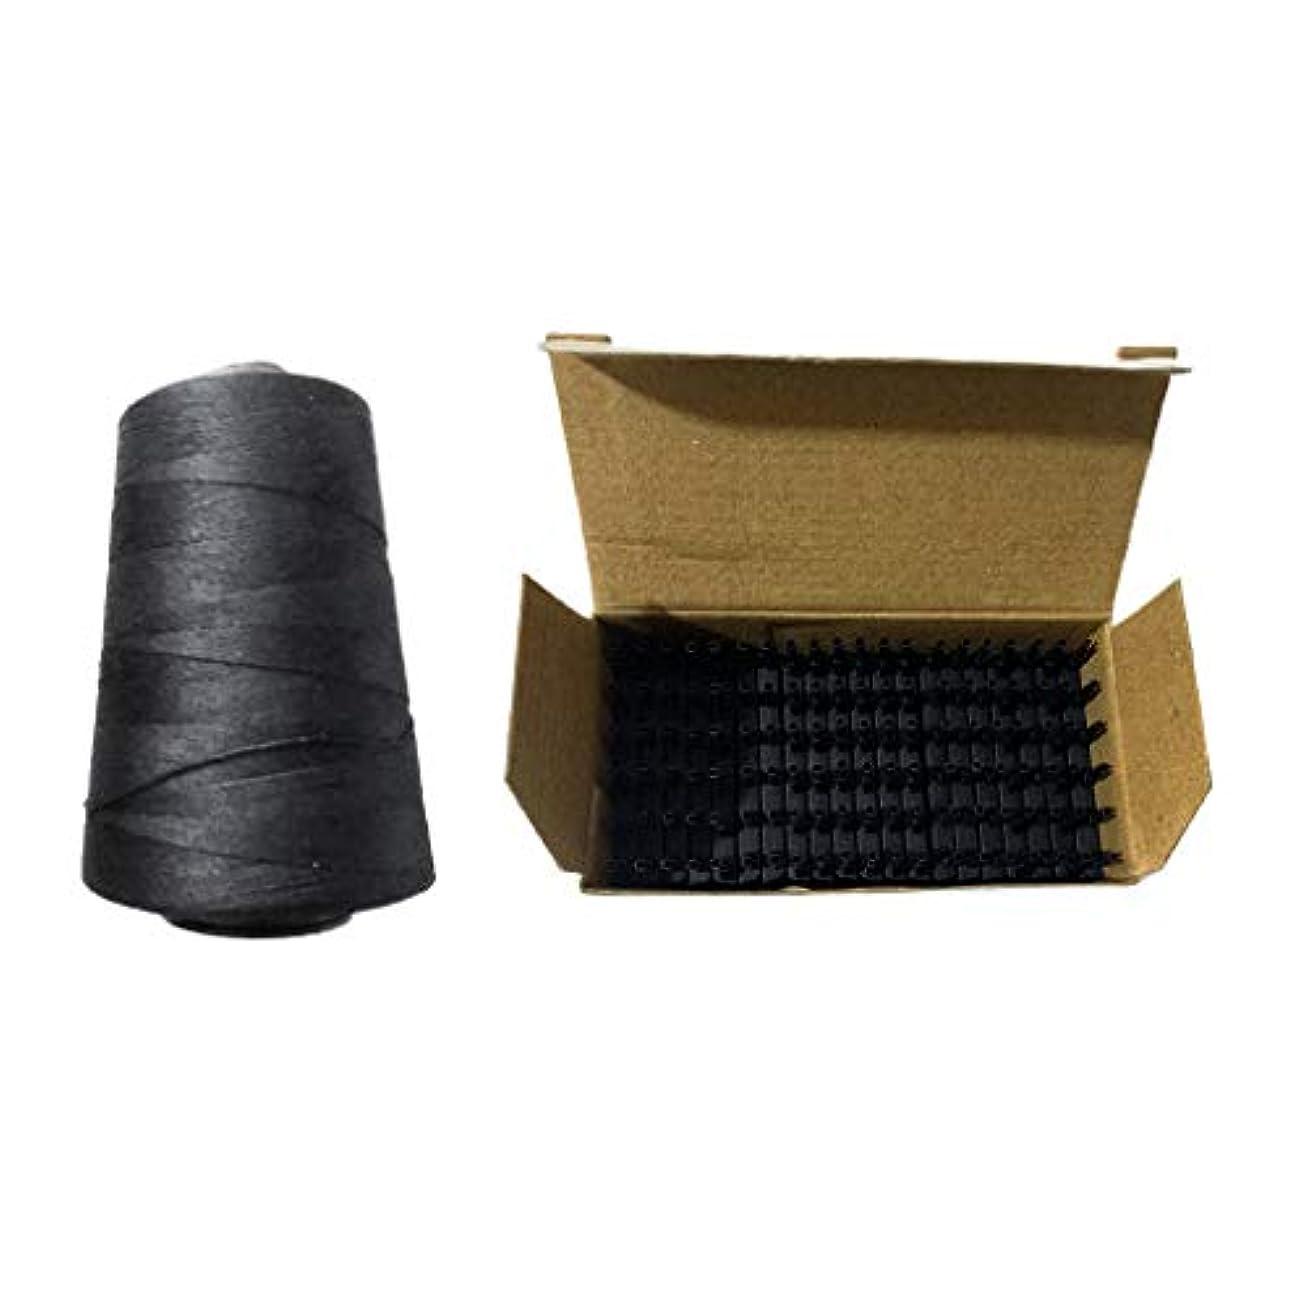 前件毛布動脈編む糸 かつらスレッド ヘアエクステンション バックル クリップ